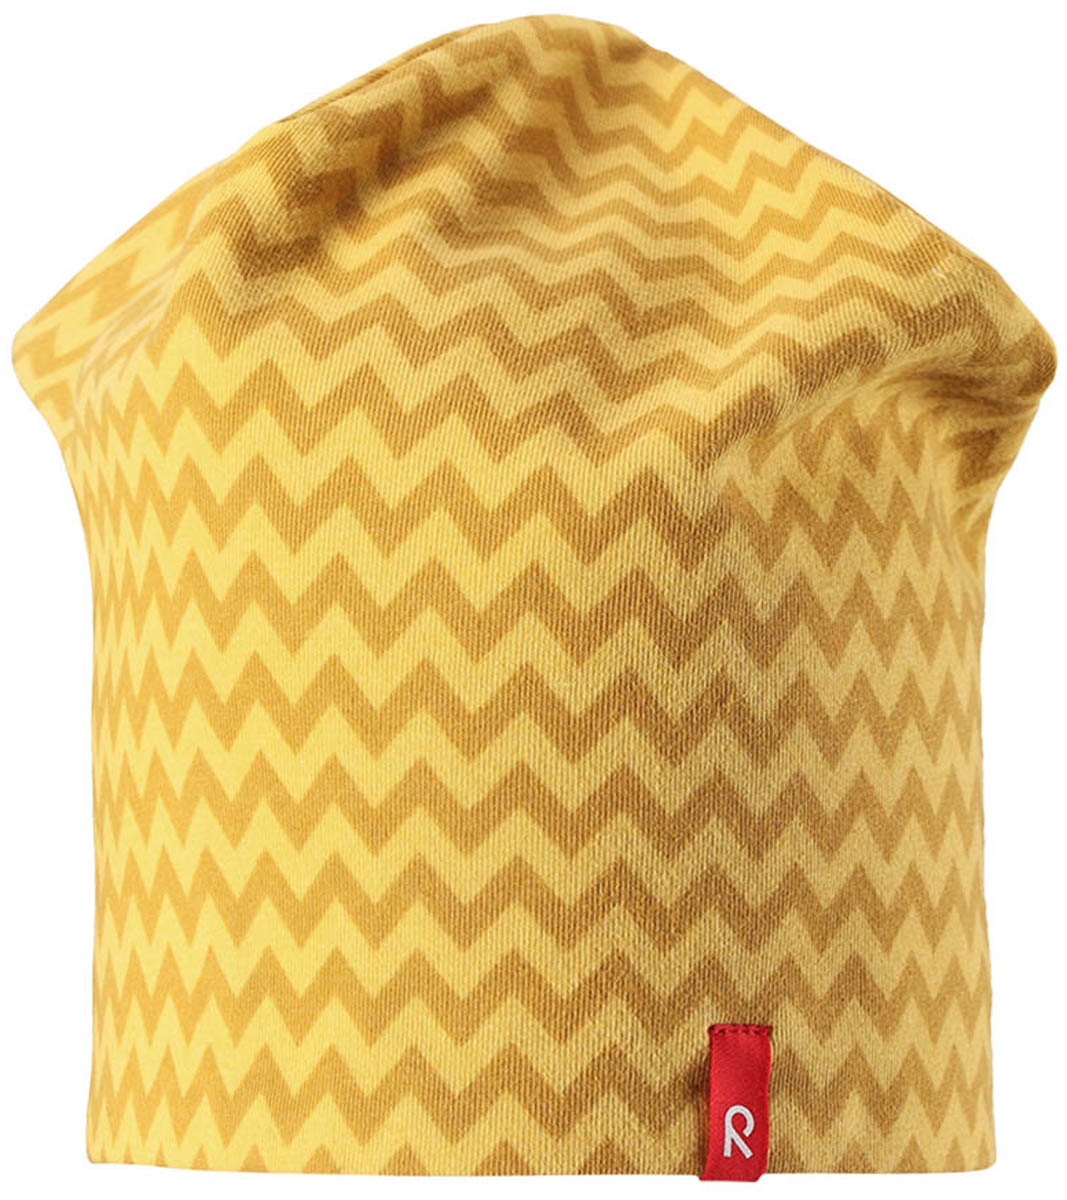 Шапка-бини детская Reima Hirvi, цвет: желтый. 5285392392. Размер 505285392392Легкая двусторонняя шапка Reima для малышей и детей постарше с УФ-защитой 40+. Шапка изготовлена из дышащего и быстросохнущего материла Play Jersey, эффективно выводящего влагу с кожи. Озорная двухсторонняя шапка меняет цвет в одно мгновение! Обратная сторона шапки серая.